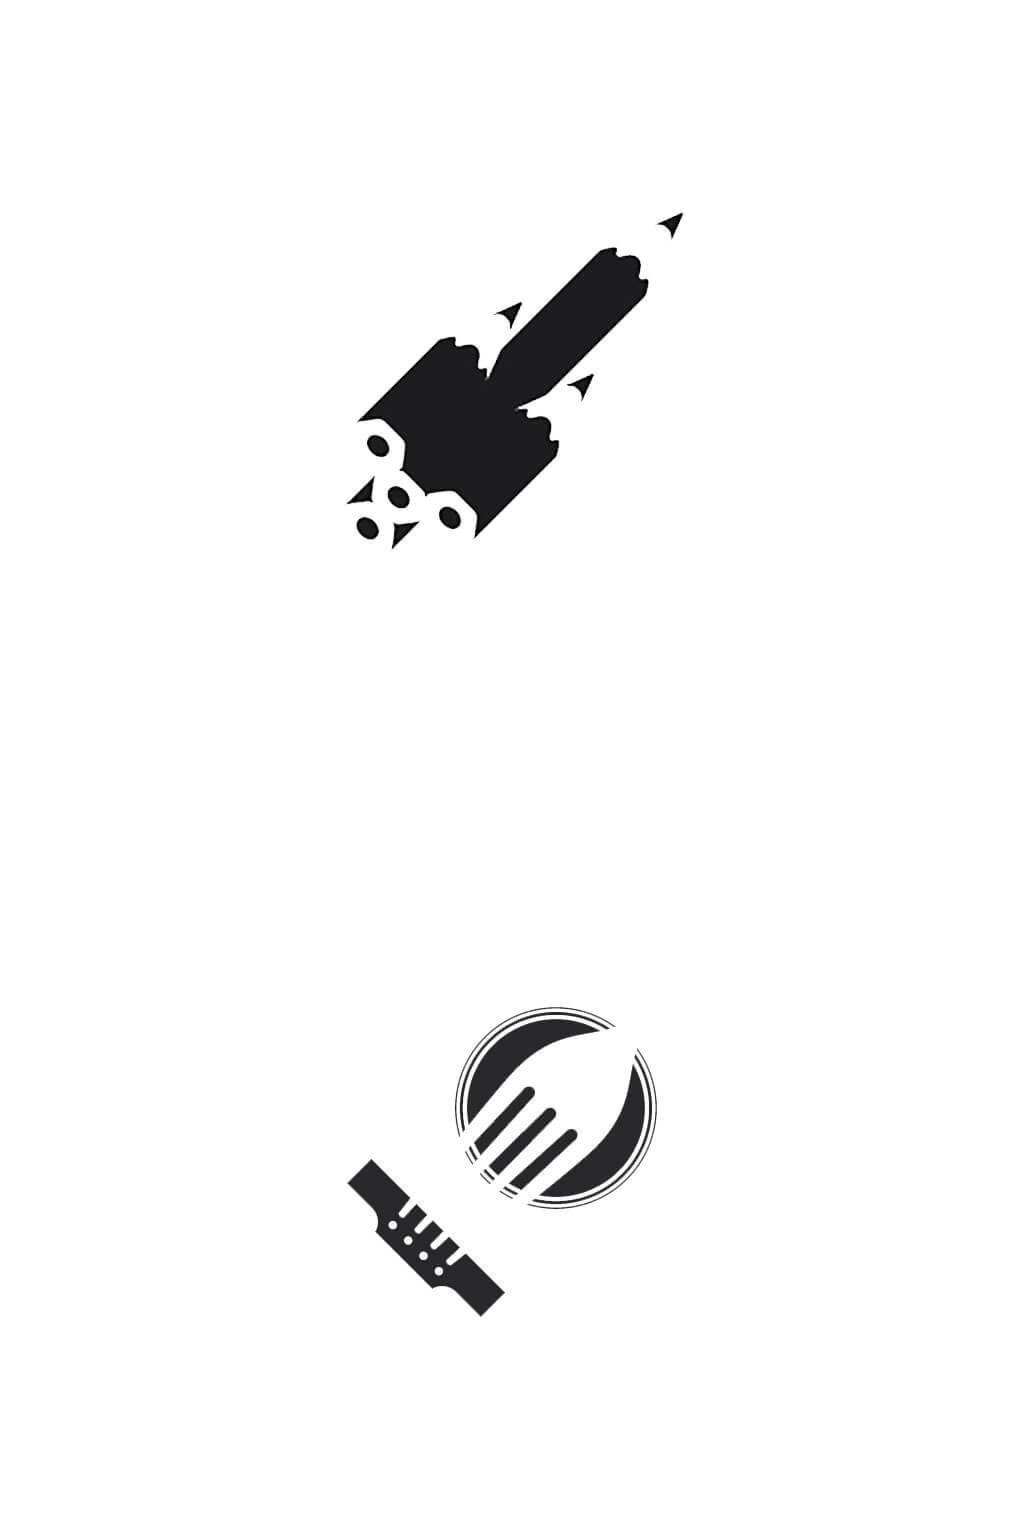 Pencil Rocket Logo by Ortega Graphics